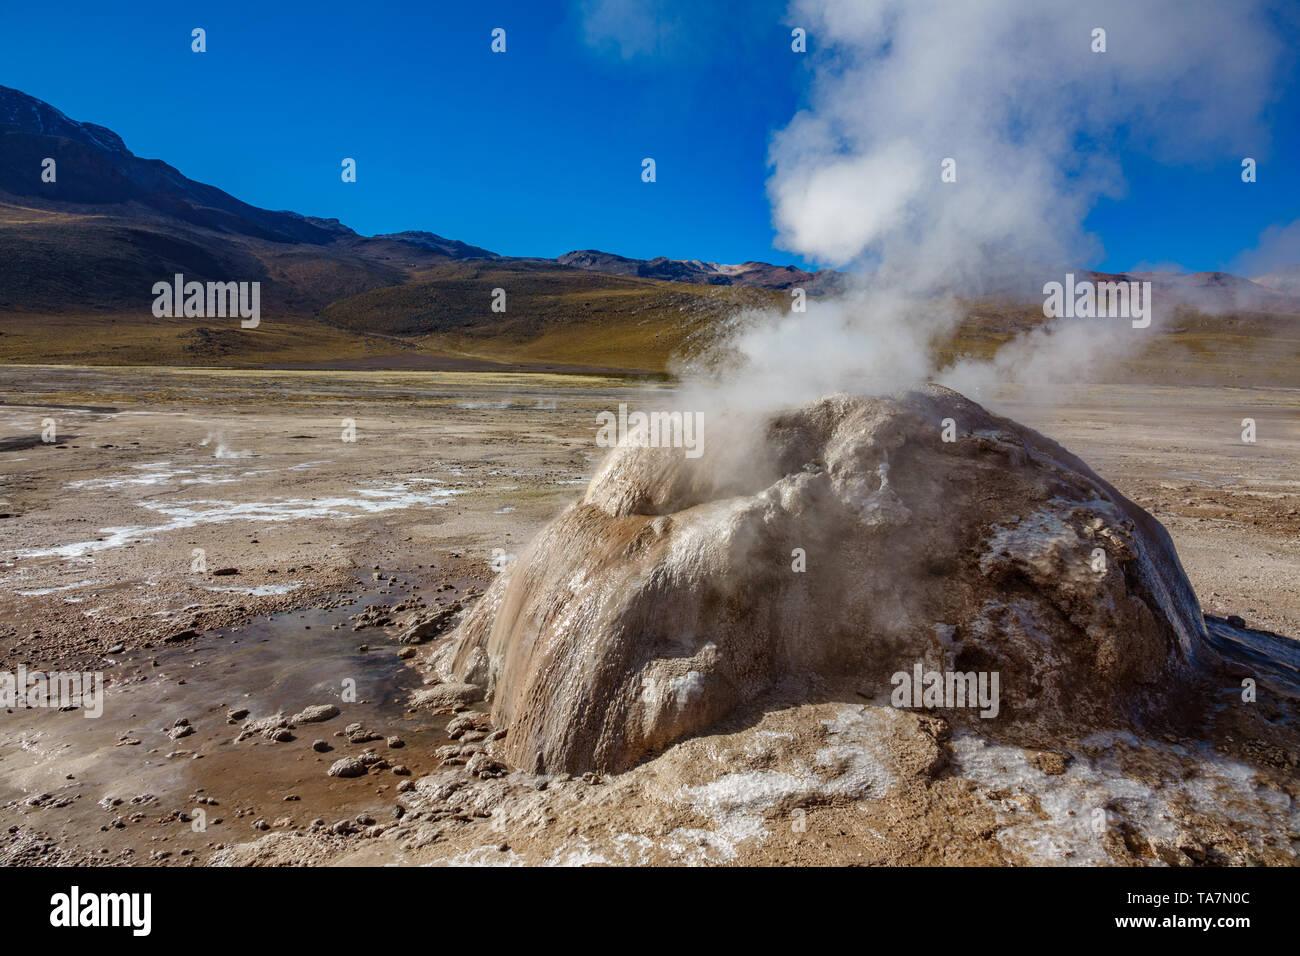 Active Geyser detailed view in El Tatio, Atacama - Stock Image